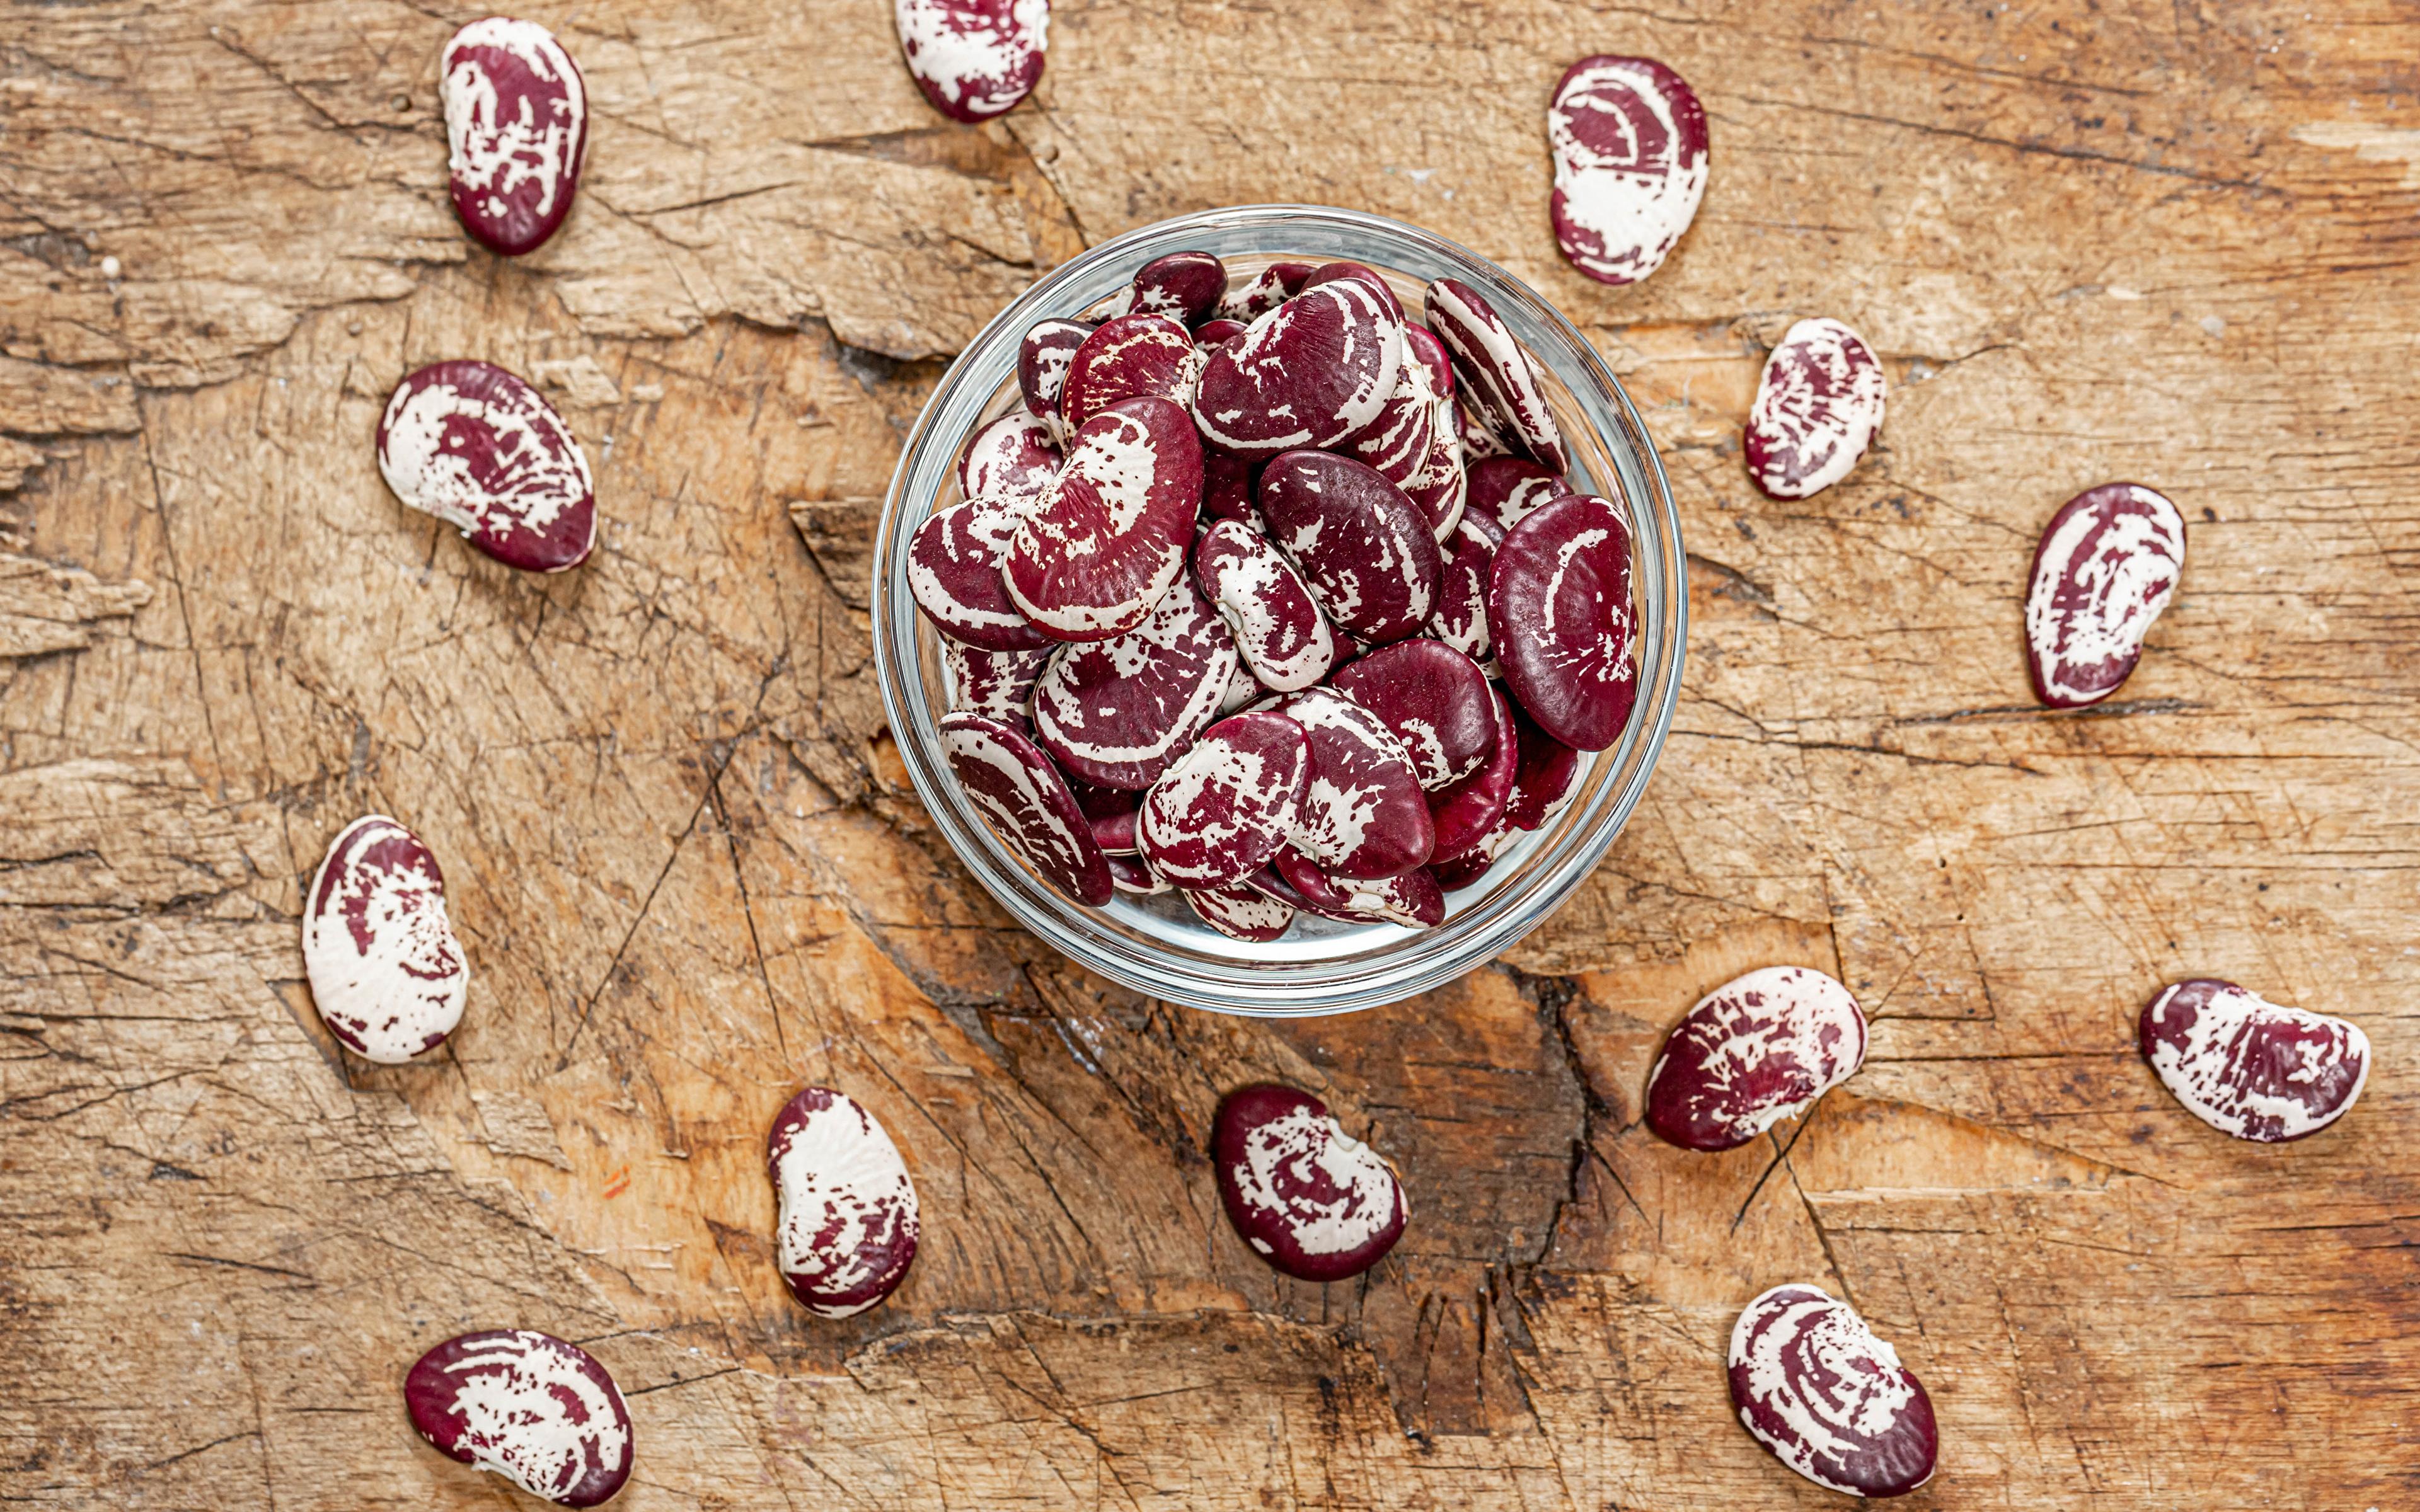 Картинка Фасоль бобы Пища Овощи 3840x2400 Еда Продукты питания